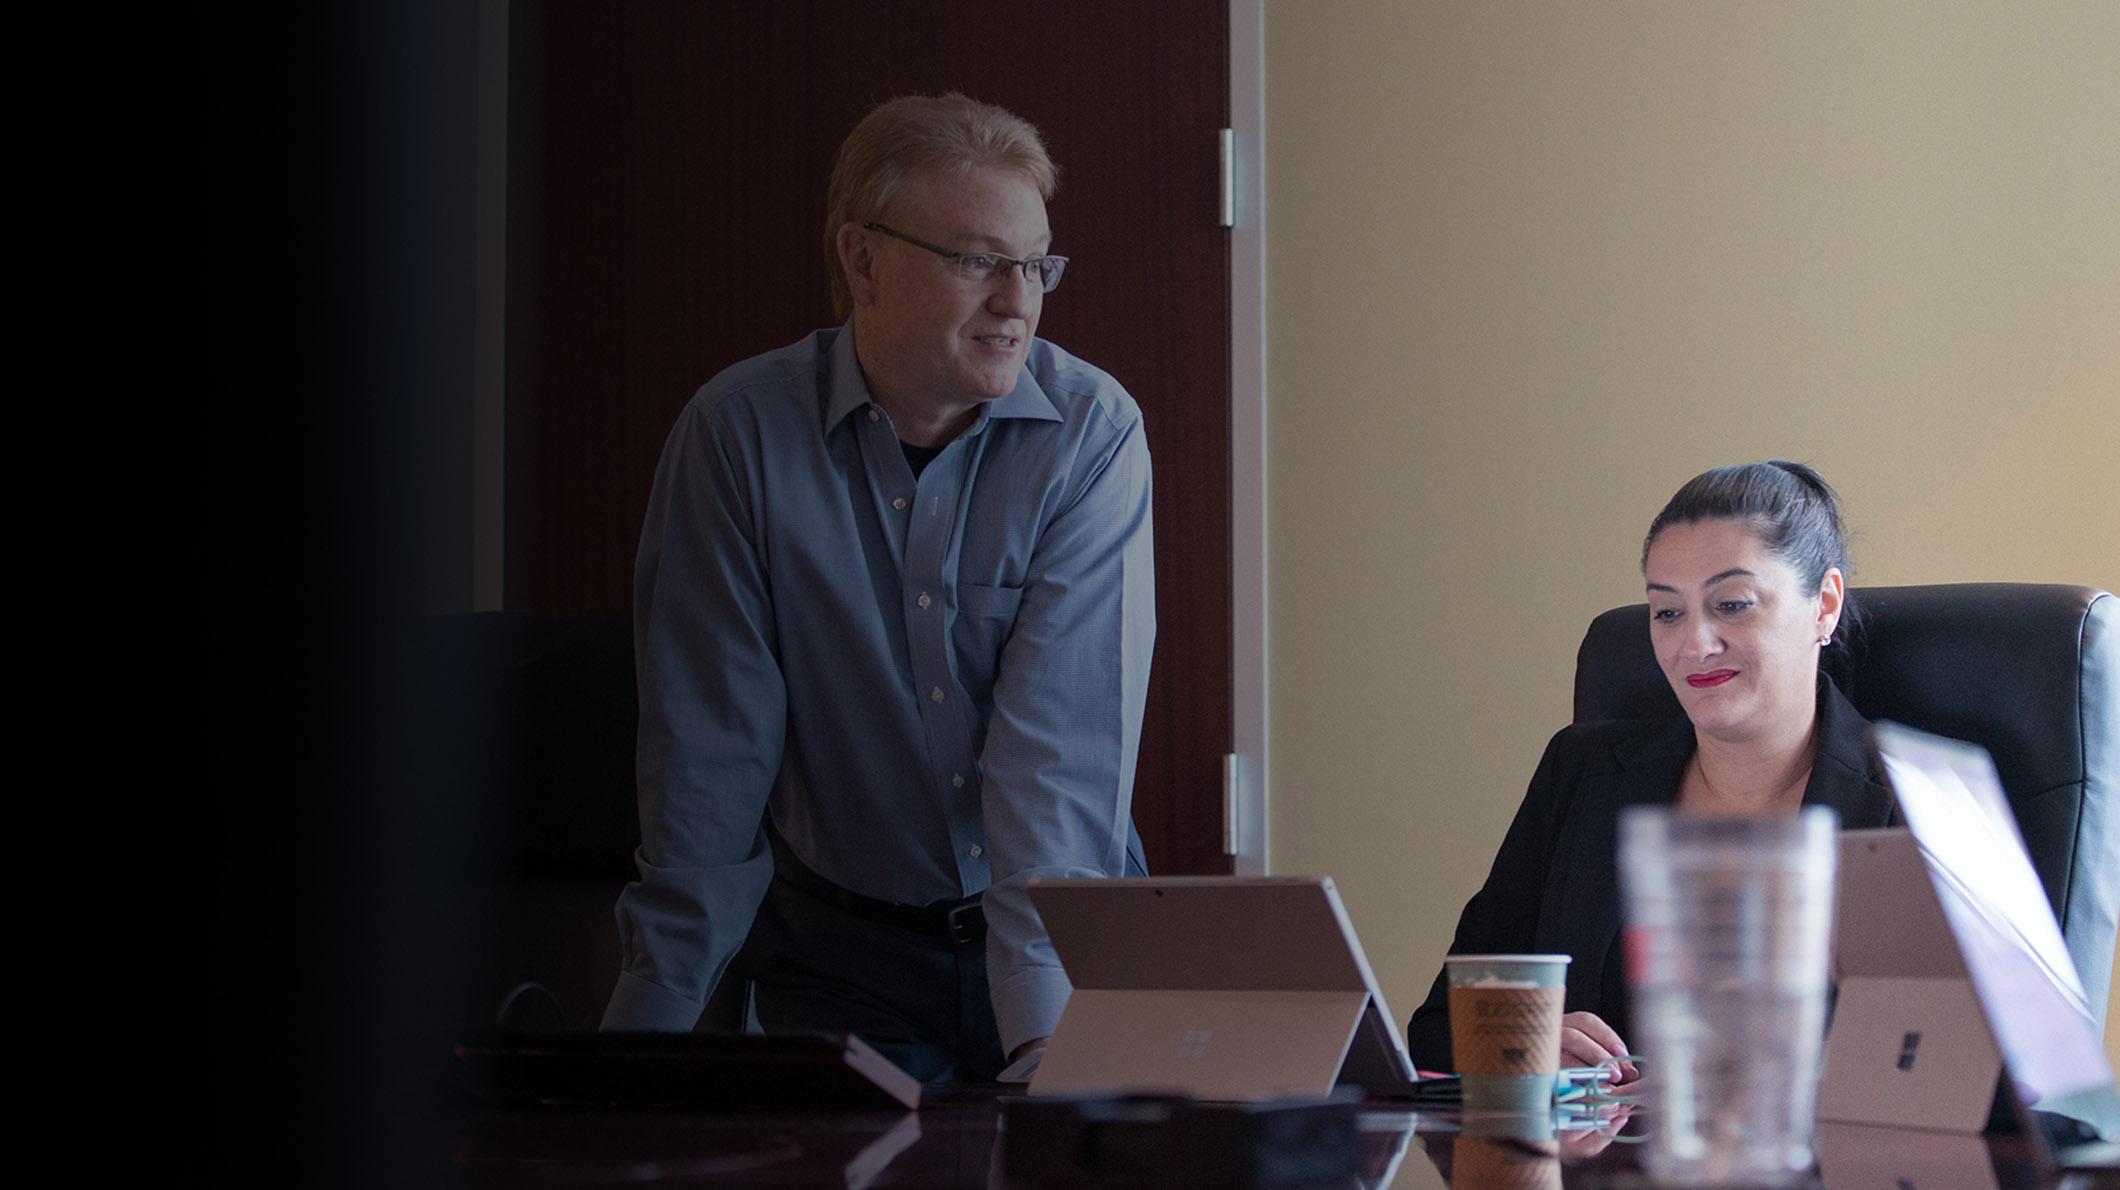 Ein Mann steht neben einer Frau, die an einem Konferenztisch sitzt und auf ihr Surface Pro blickt.